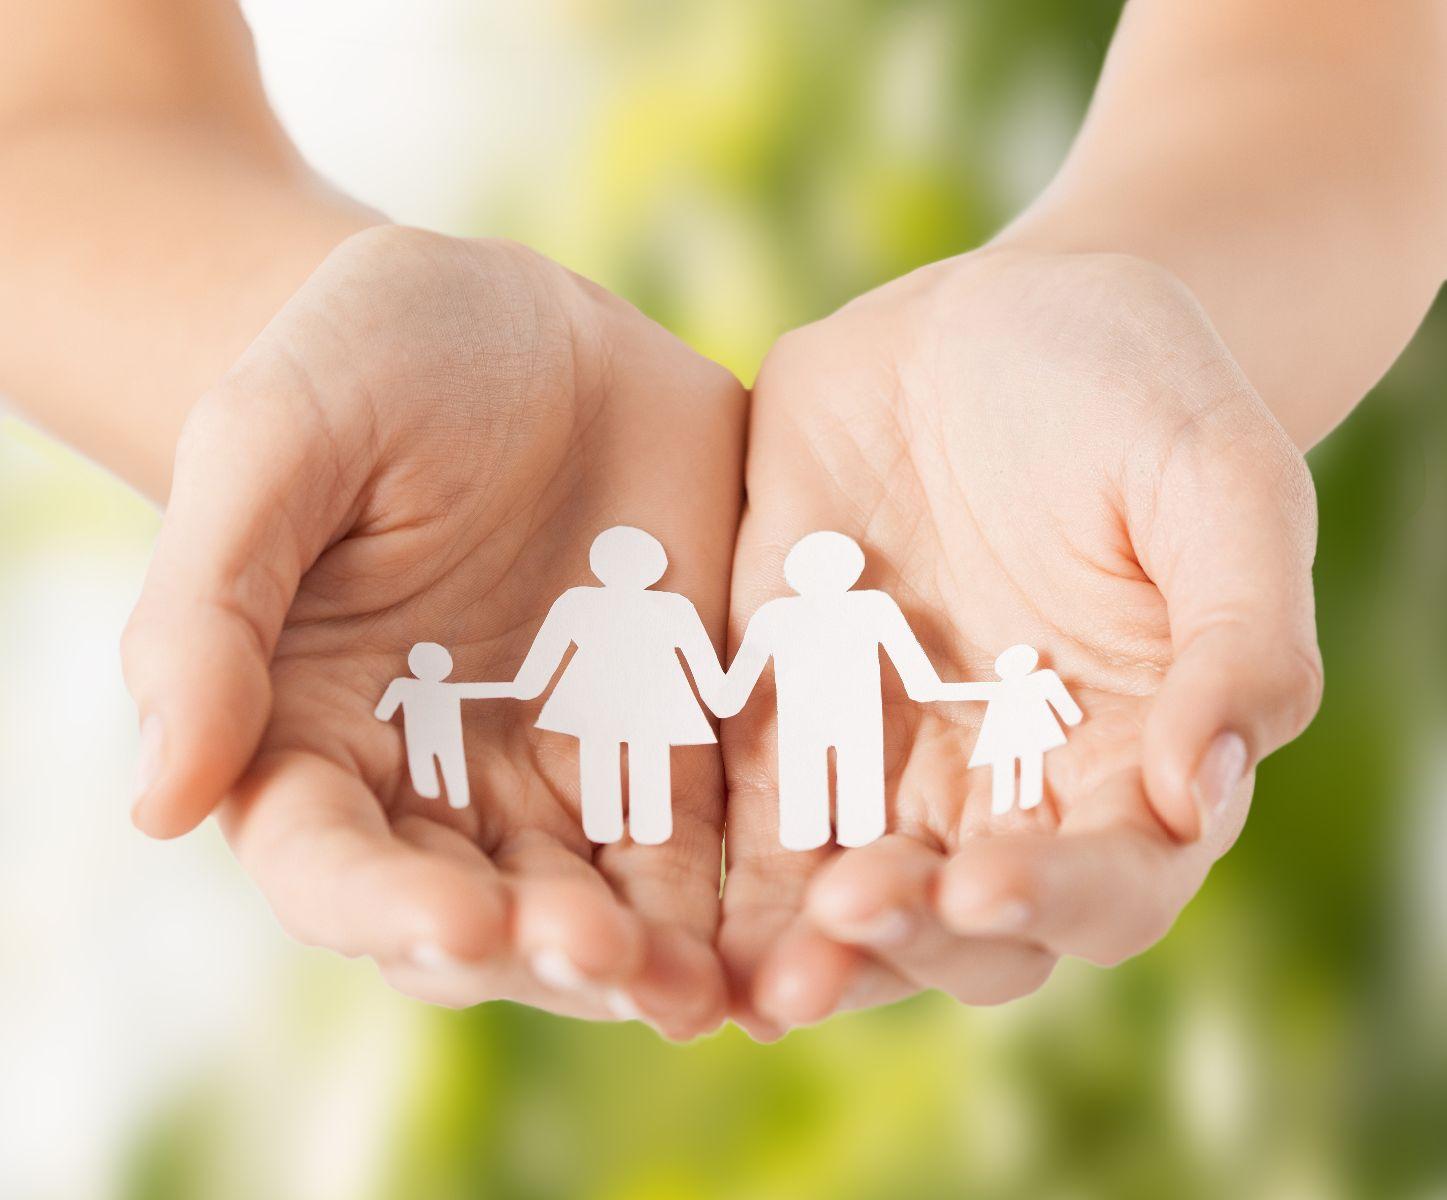 Acercamiento a manos que sostienen un recorte en papel de un ícono de familia